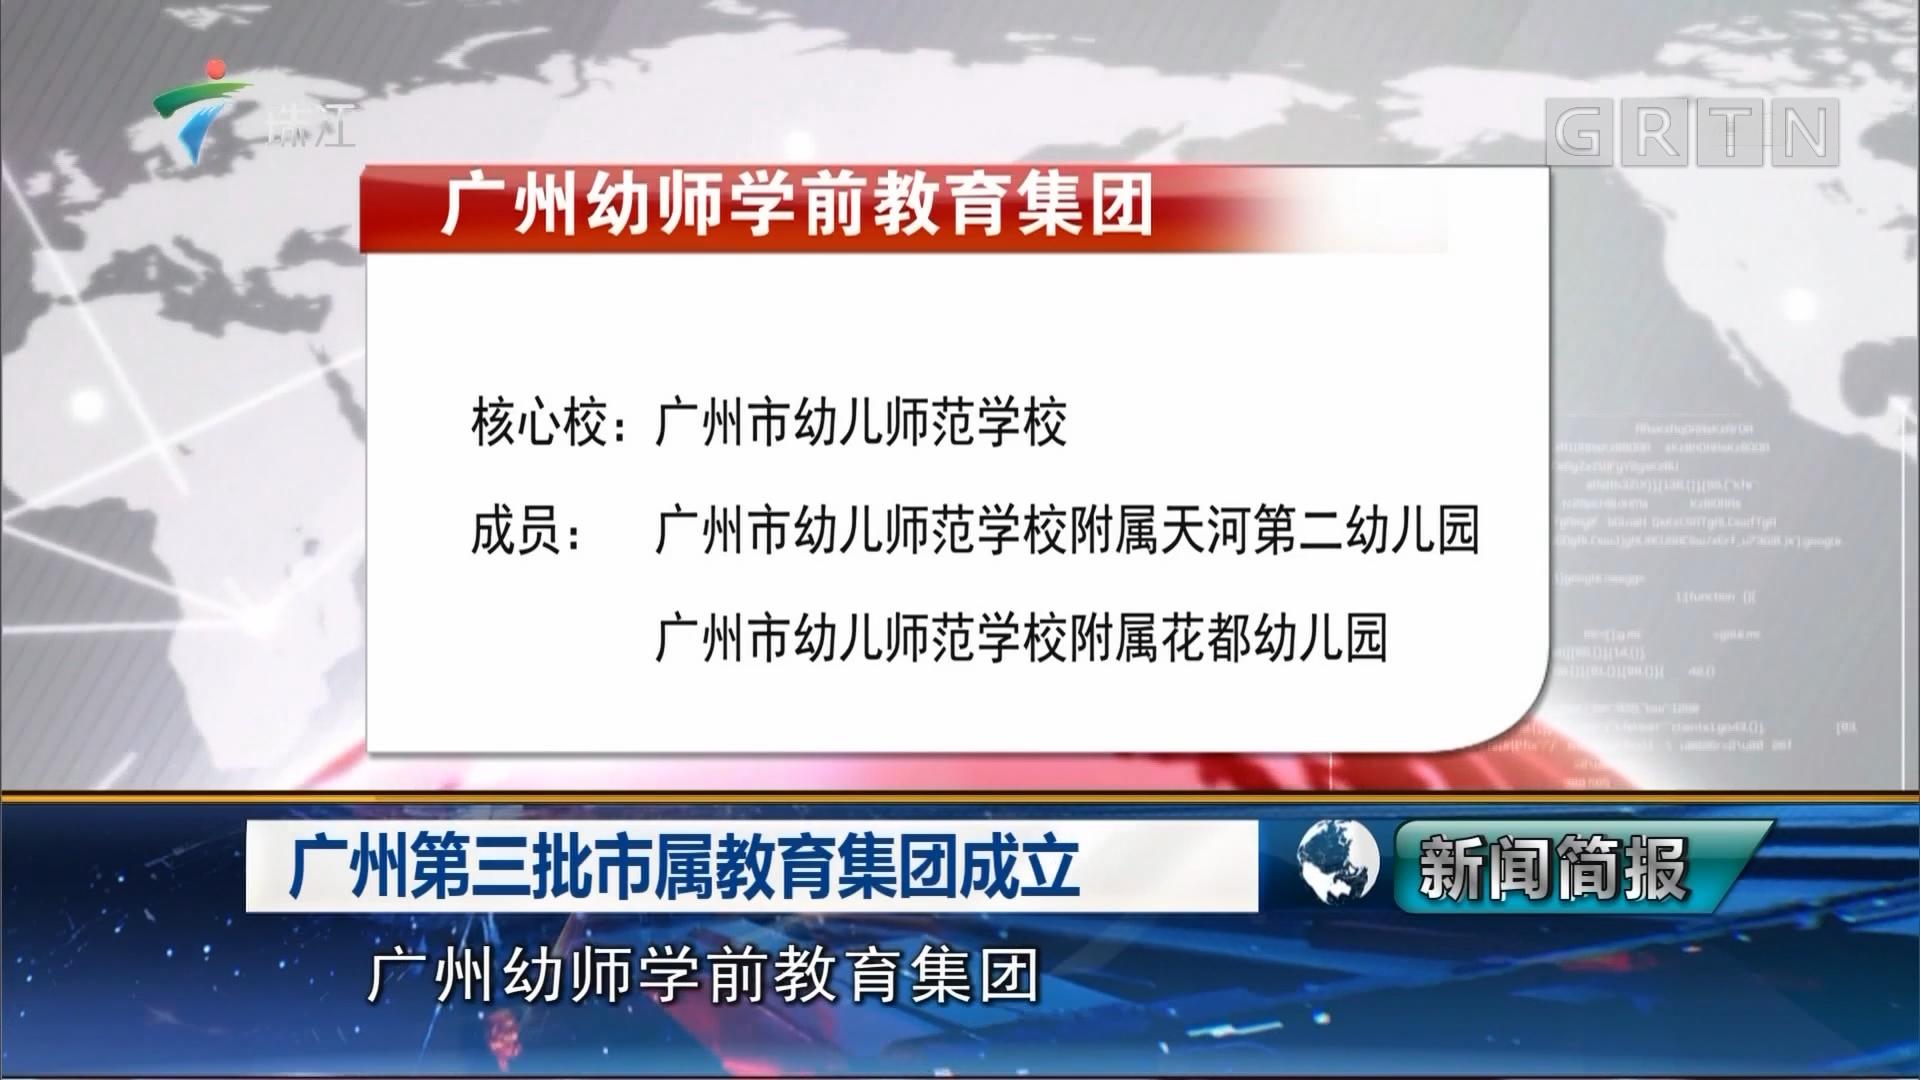 广州第三批市属教育集团成立